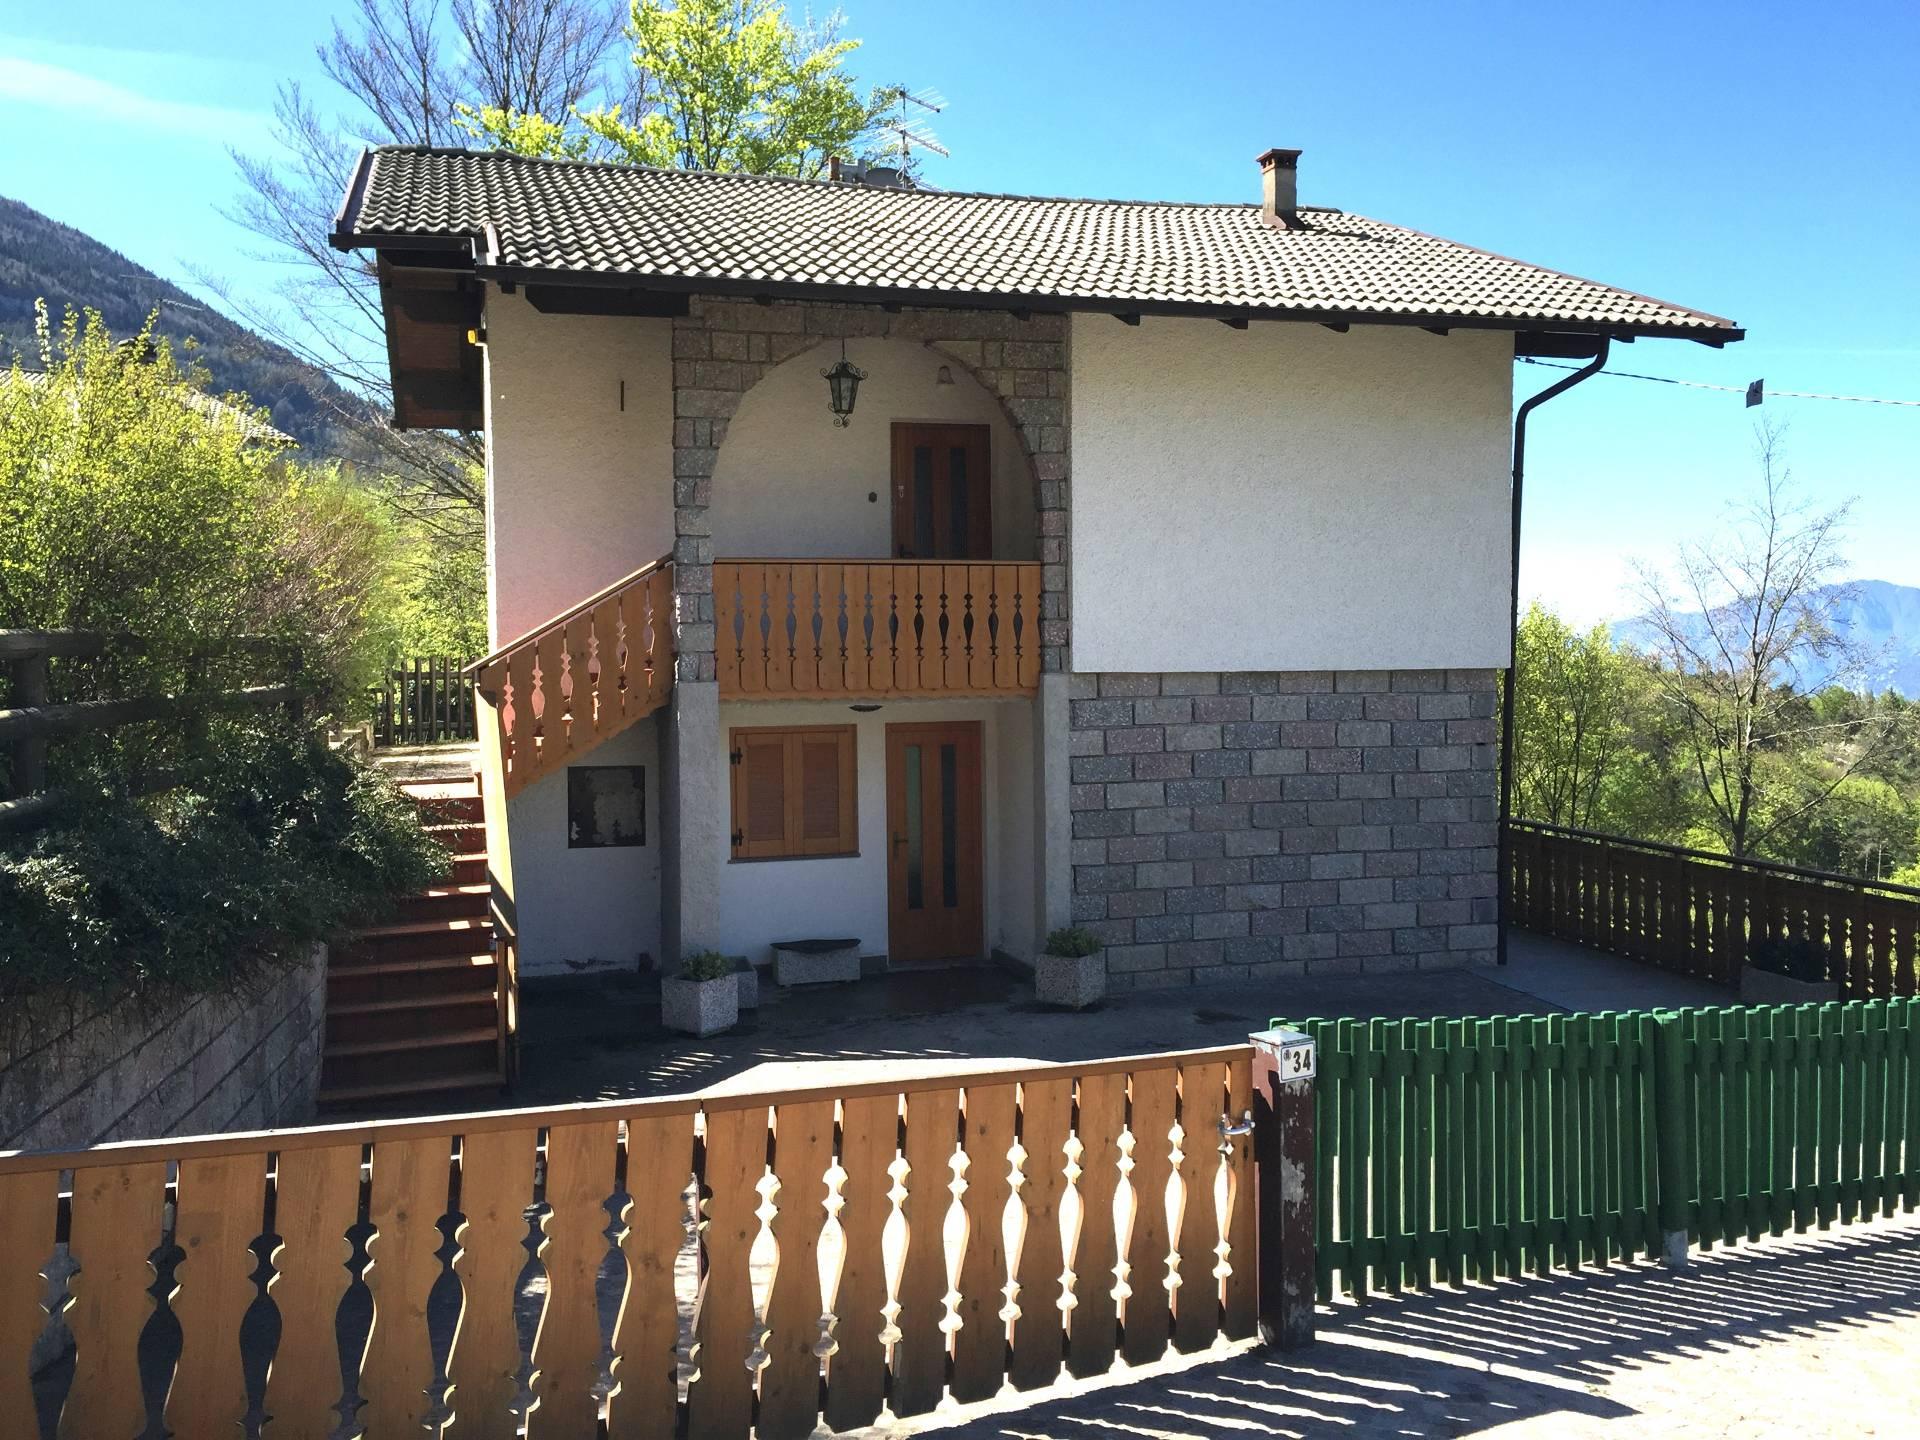 Soluzione Indipendente in vendita a Calavino, 6 locali, prezzo € 300.000 | CambioCasa.it